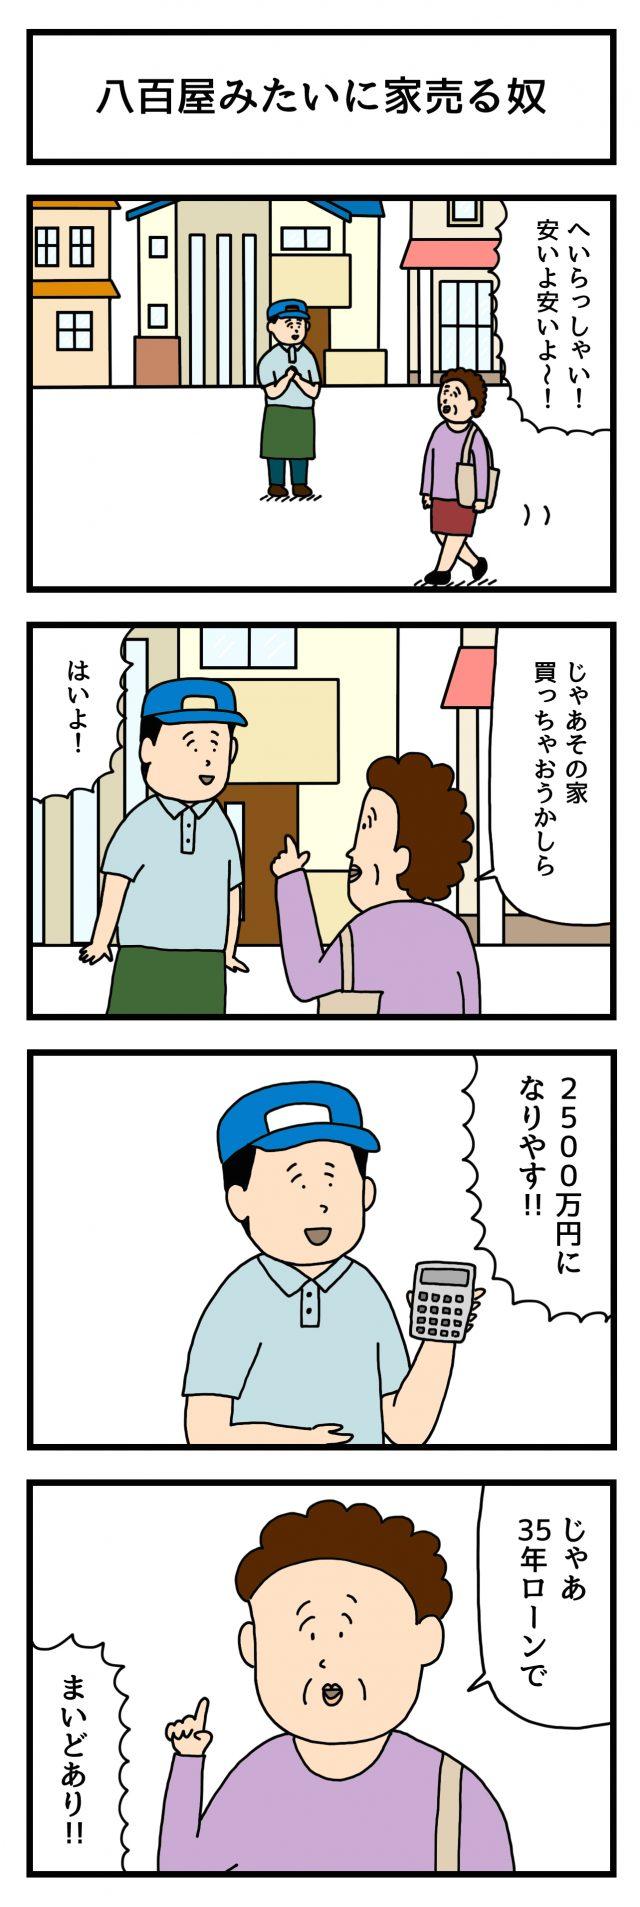 たのしい4コマ「八百屋みたいに家売る奴」~住宅ローン編vol.8